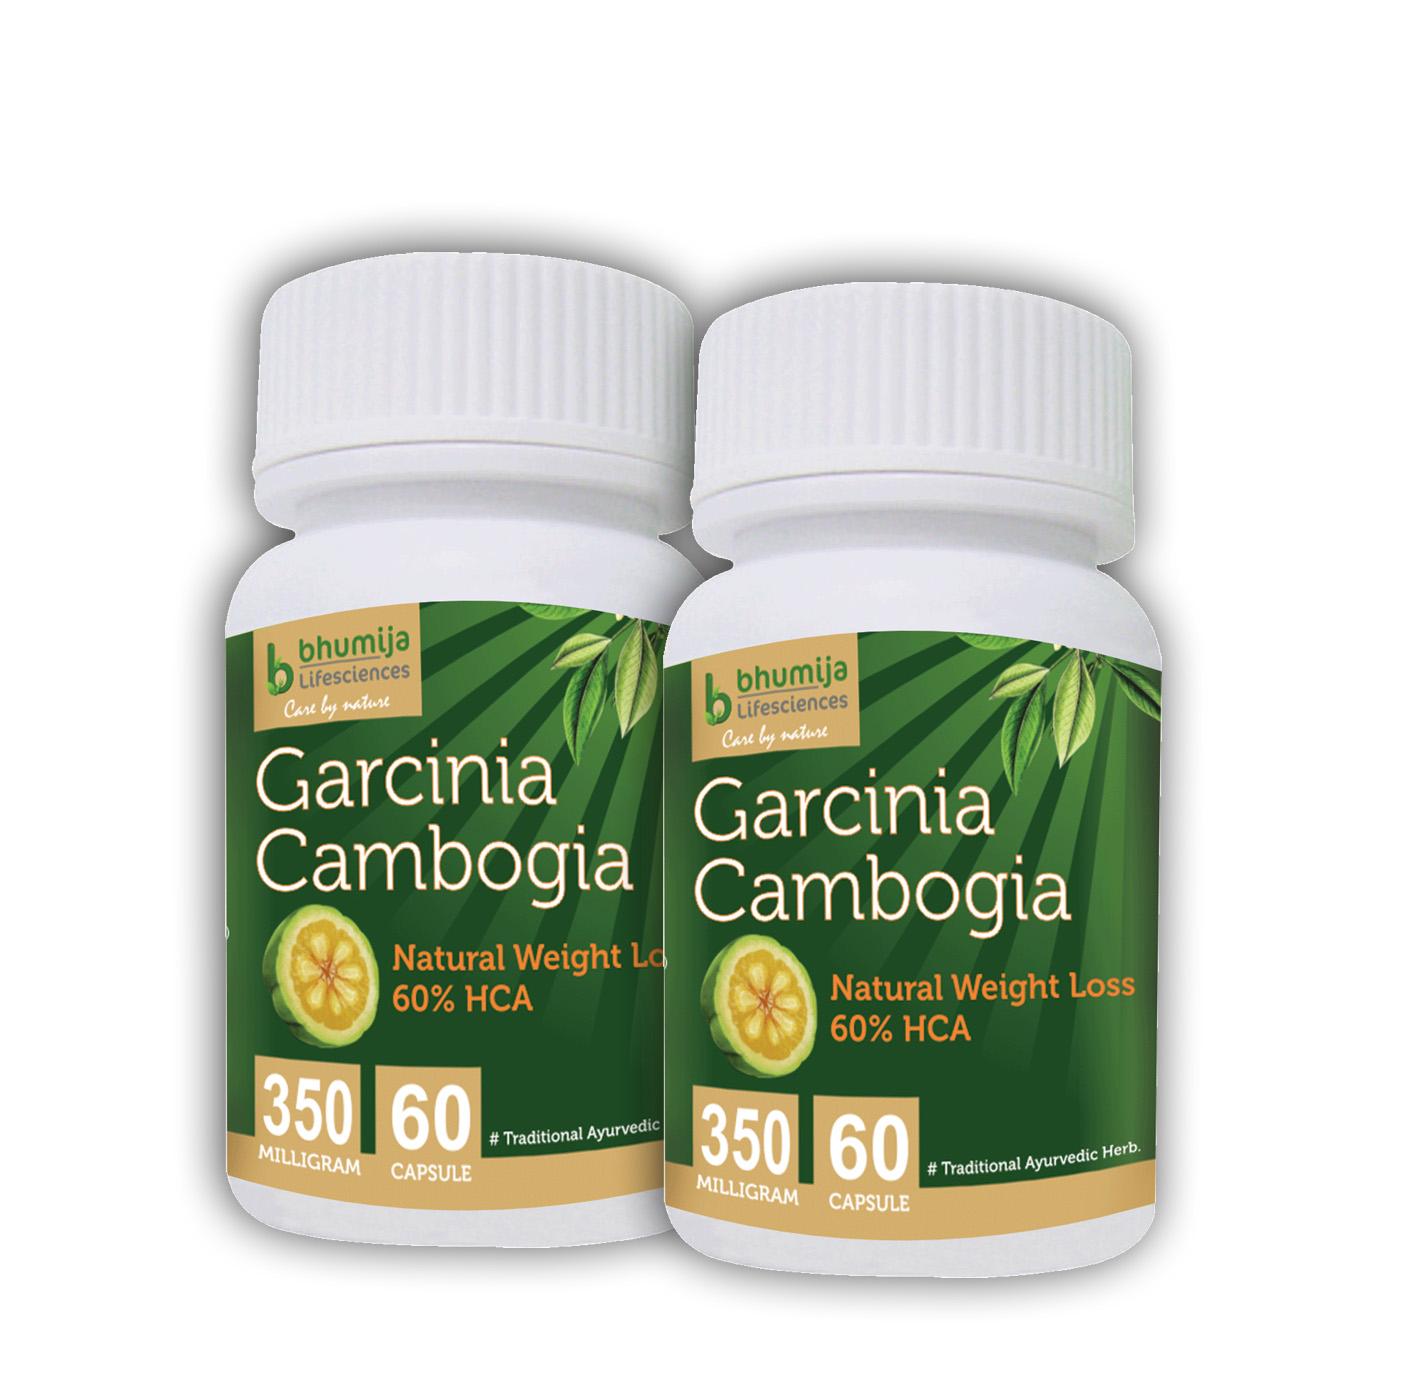 GARCINIA CAMBOGIA CAPSULES Price Comparison